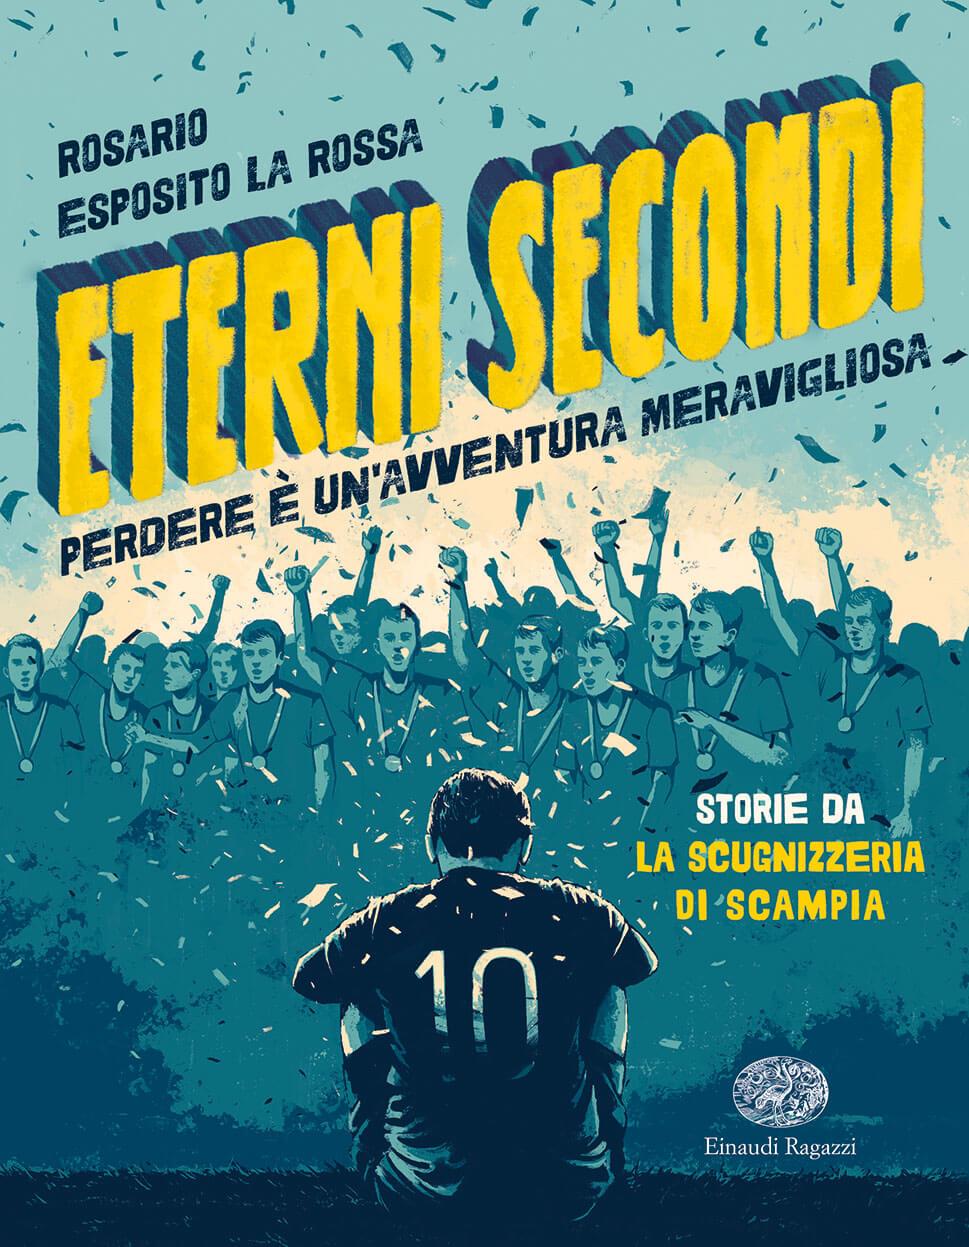 Eterni-secondi-Perdere-è-unavventura-meravigliosa-Esposito-La-RossConti-Einaudi-Ragazzi-9788866565130